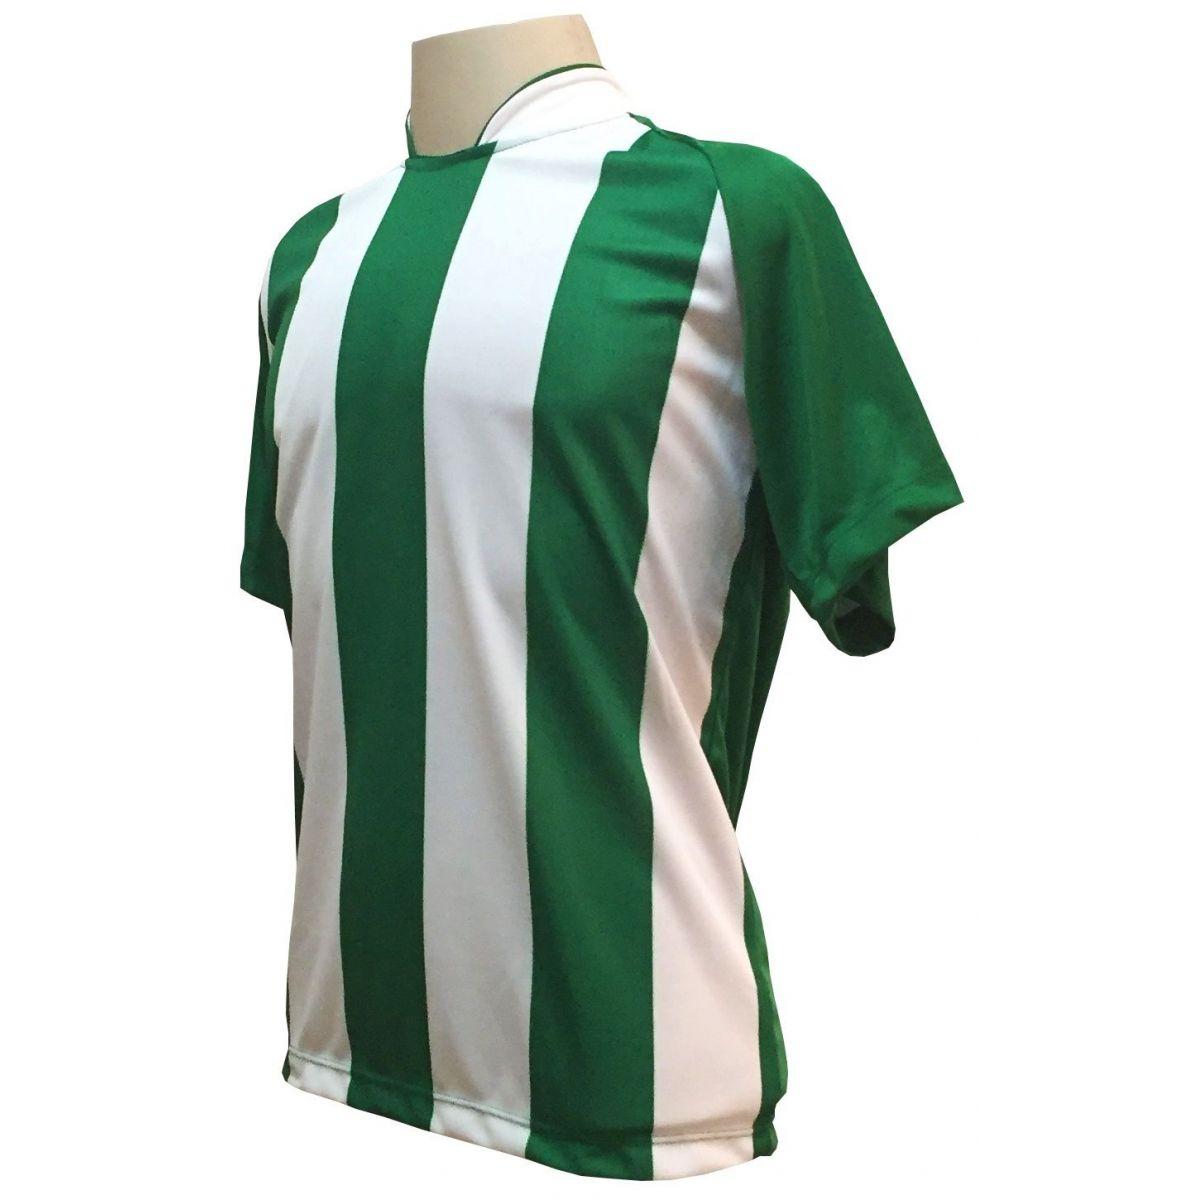 Uniforme Esportivo com 18 camisas modelo Milan Verde/Branco + 18 calções modelo Madrid Branco + 18 pares de meiões Verde